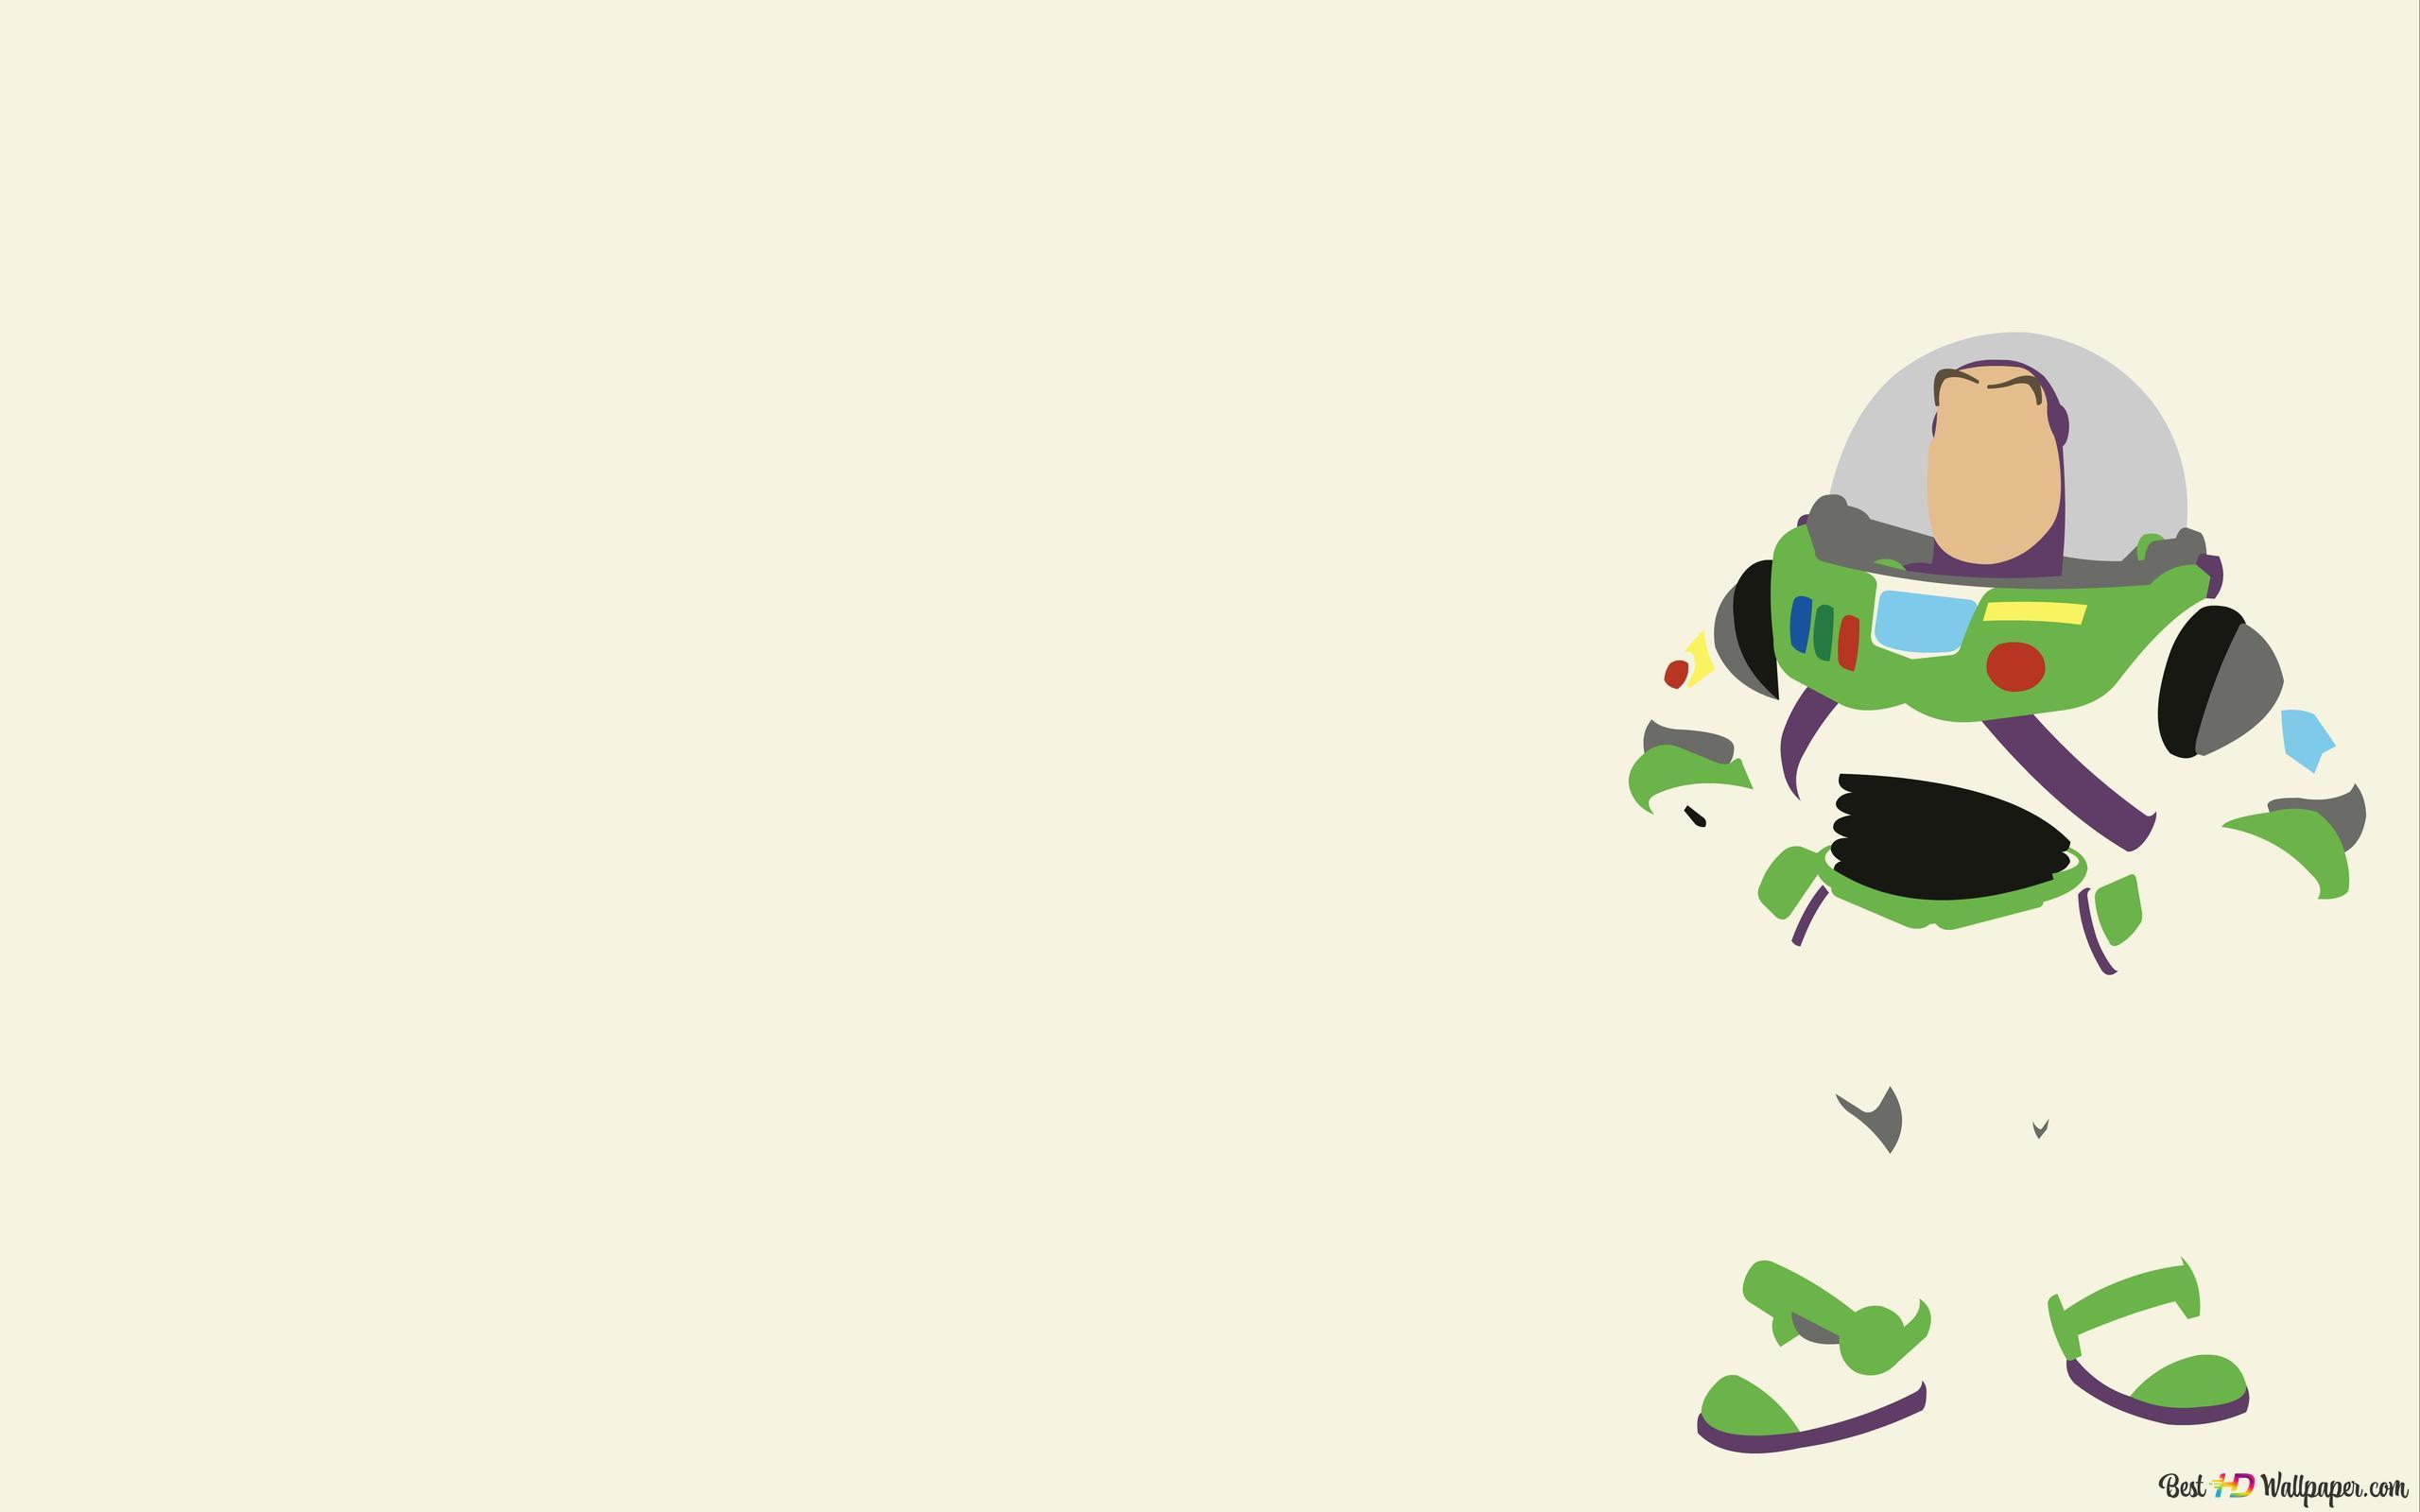 Buzz Lightyear Hd Wallpaper Download